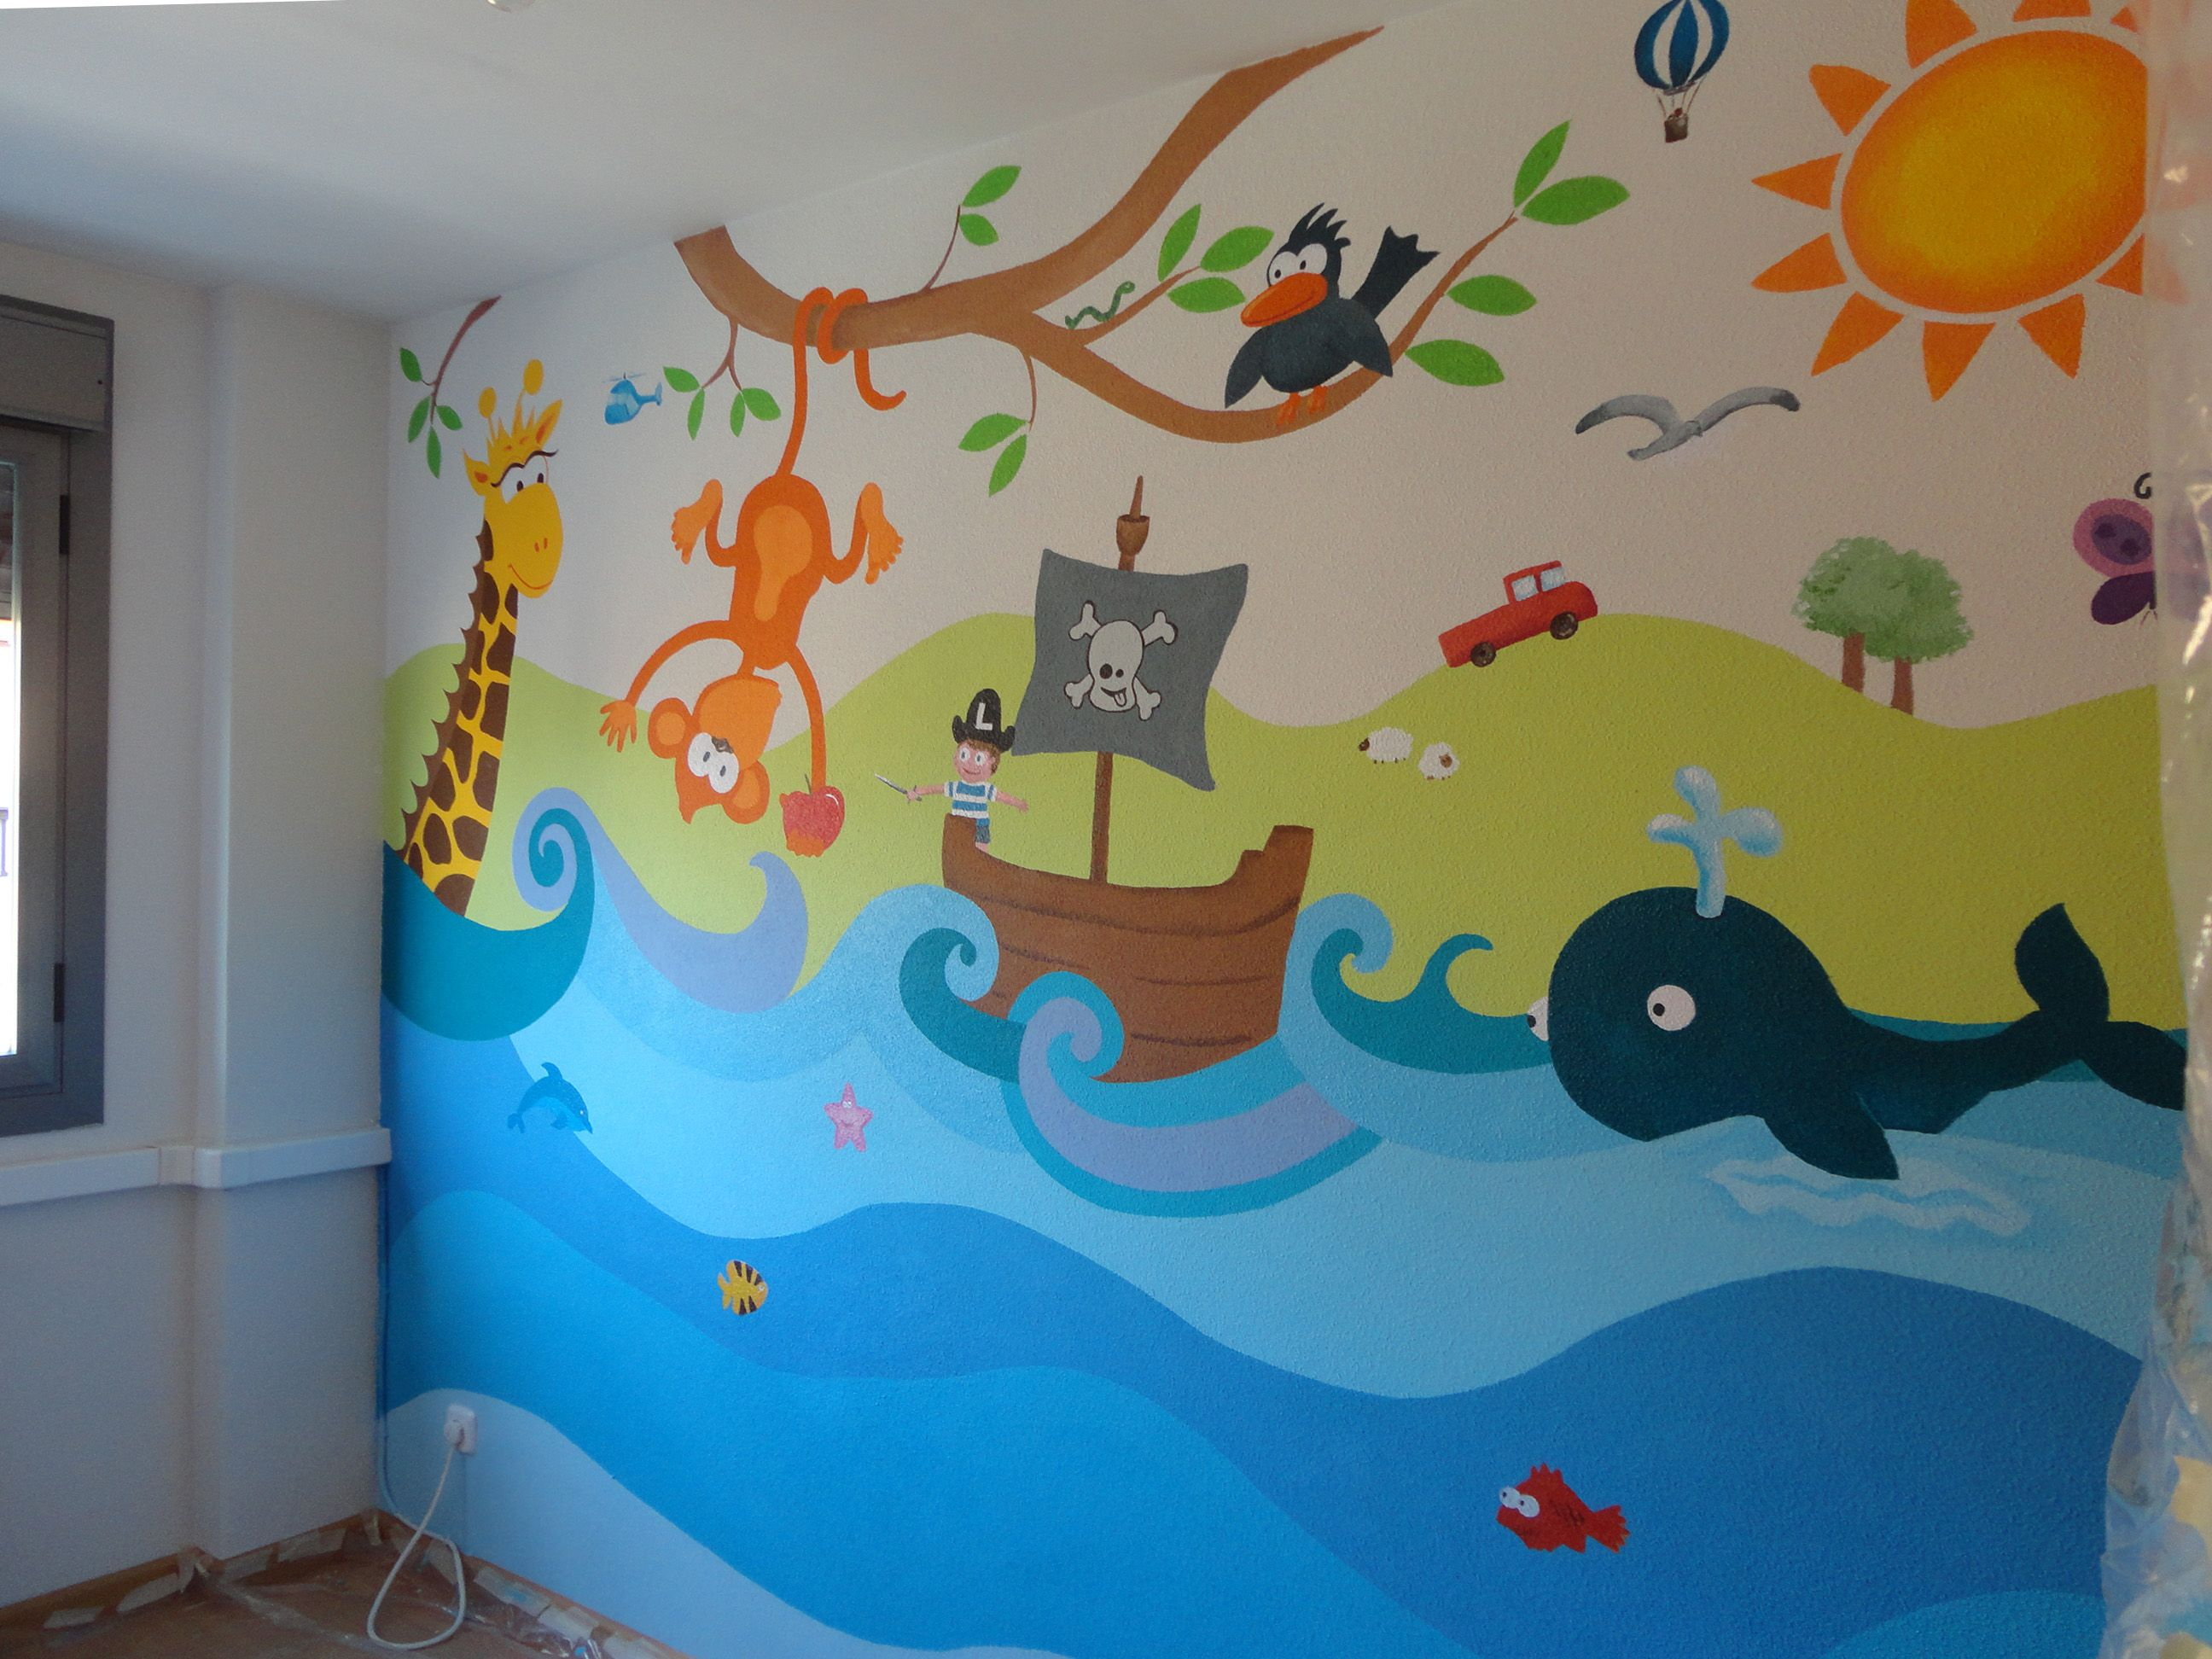 Decoramos La Habitacion De Los Ninos Decoracion Infantil Paredes Murales De Pared Para Ninos Mural Infantil